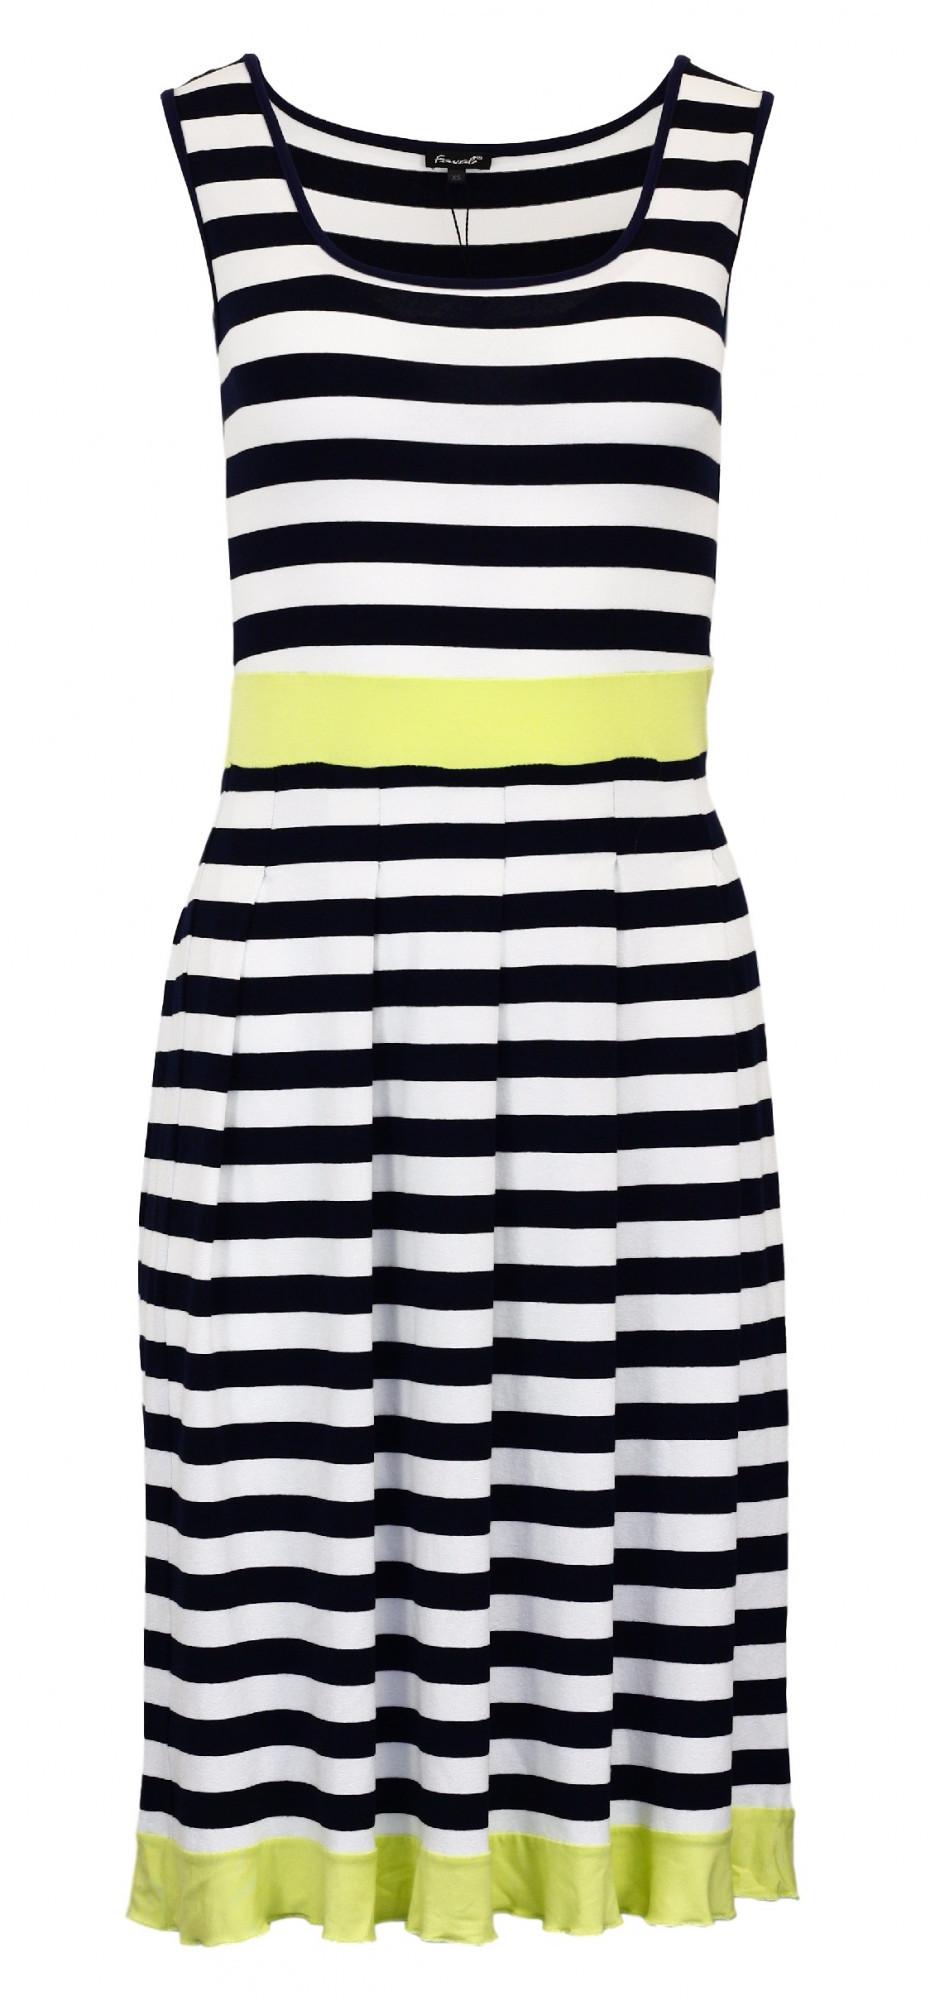 Dámské letní šaty Lana Mod Essed - Favab Barva  námořní pruhy d03ede34df